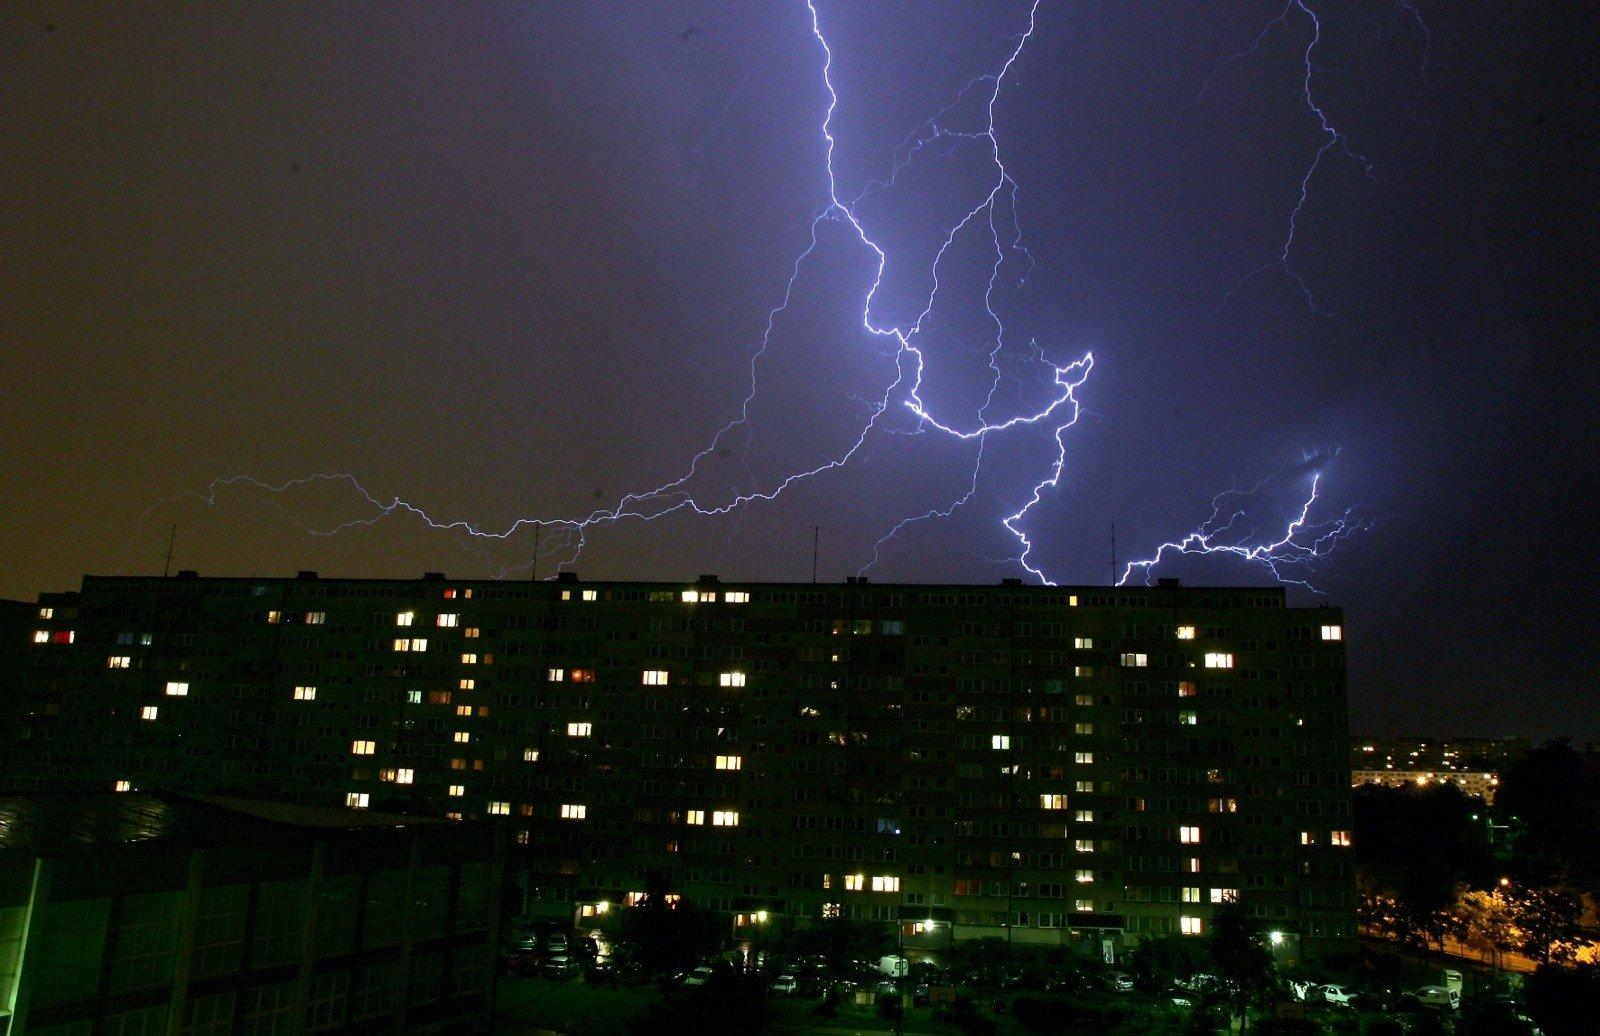 Gdzie jest burza dziś 8.08.2020? Kiedy będzie burza? Sprawdź na interaktywnej mapie [RADAR OPADÓW i BURZY, MAPA BURZOWA, MAPA BURZY ONLINE] | Dziennik Bałtycki